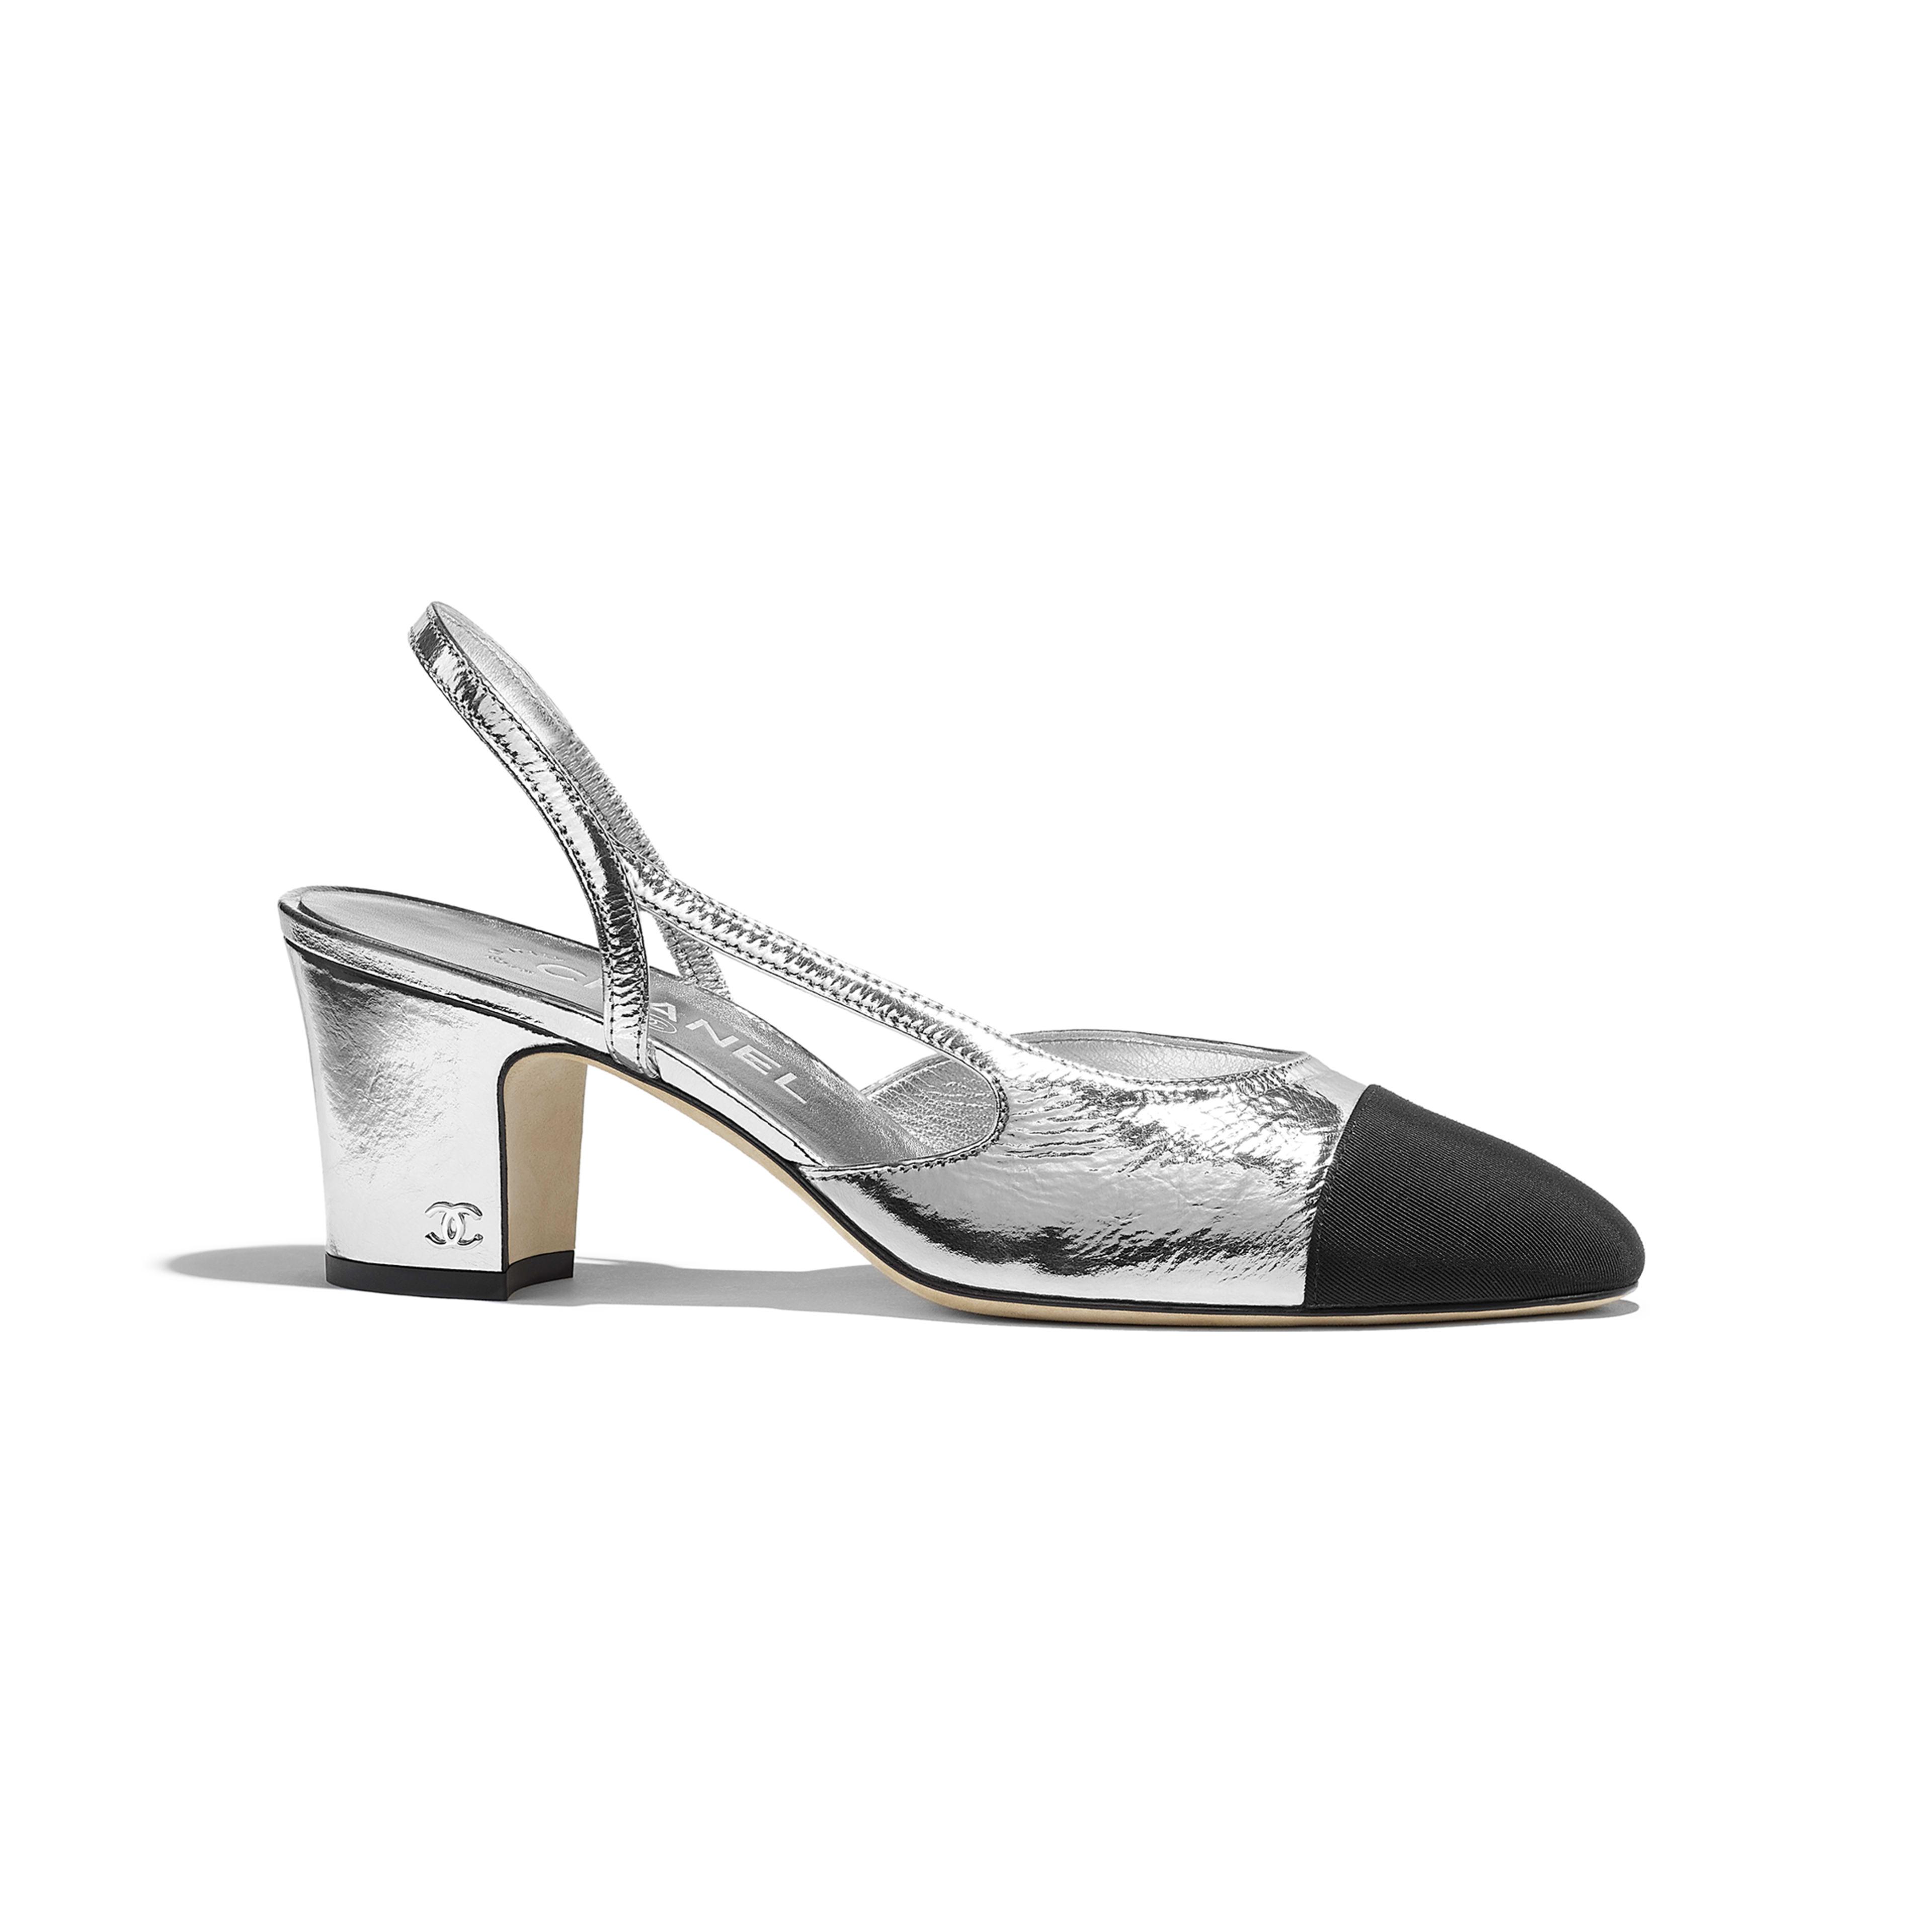 Slingbacks - Silver   Black - Metallic Goatskin   Grosgrain - Default view  - see full ...